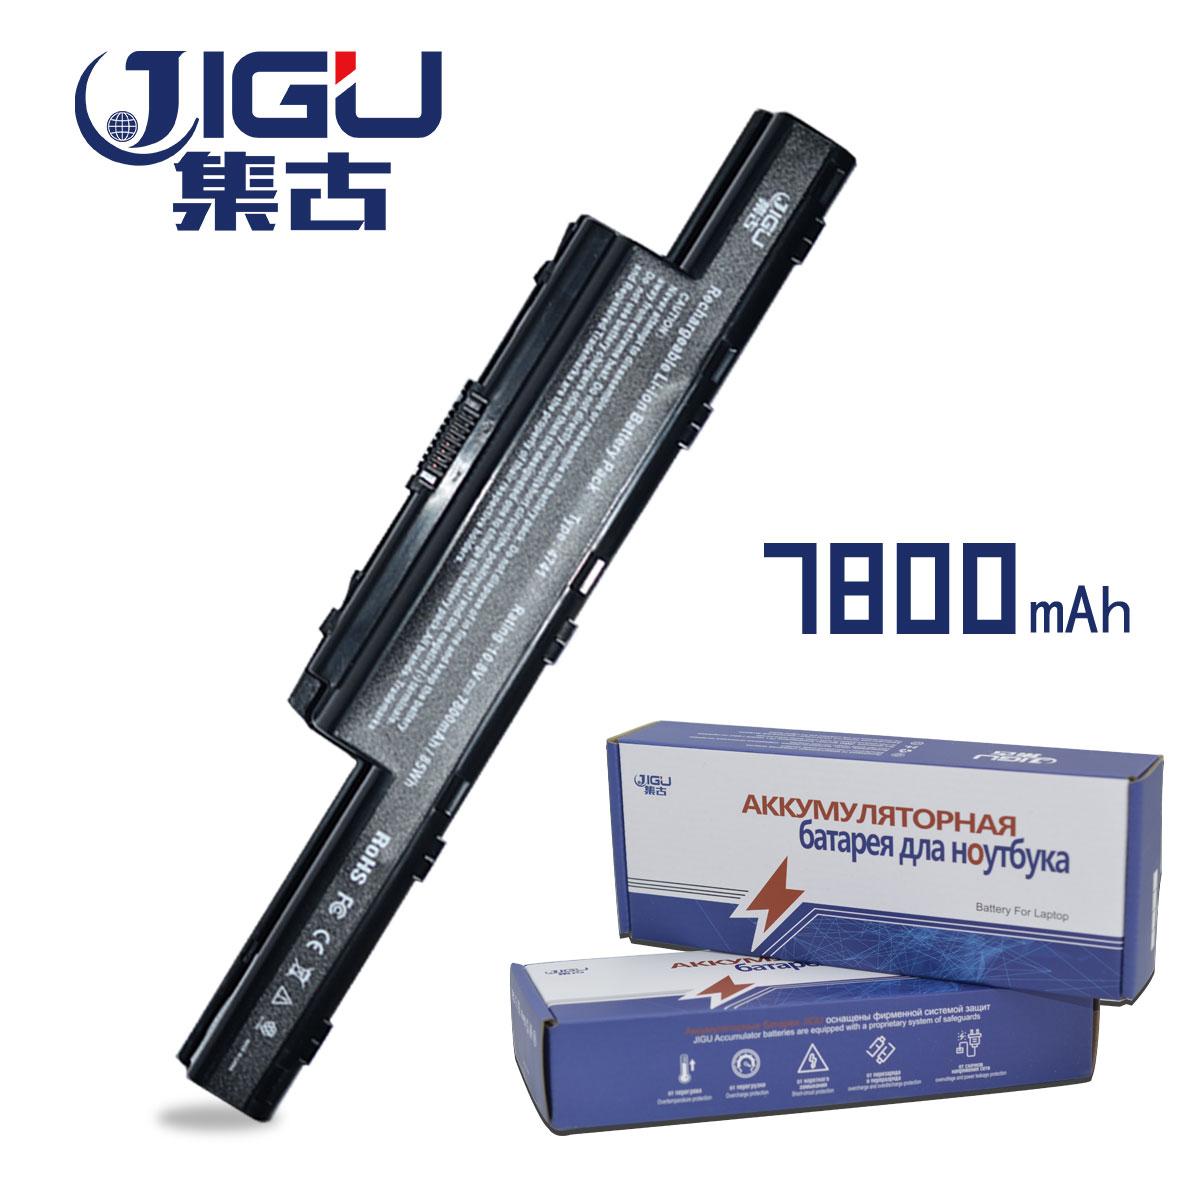 JIGU AS10D31 Laptop Battery For Acer Aspire 5736Z 5736ZG 5741G 5741Z 5742 5742G 5742Z 5742ZG 5750 5750G 5750TG 5750ZG new70 la 5892p fit for acer aspire 5742 5742g laptop motherboard mbpsv02001 mb psv02 001 pga988